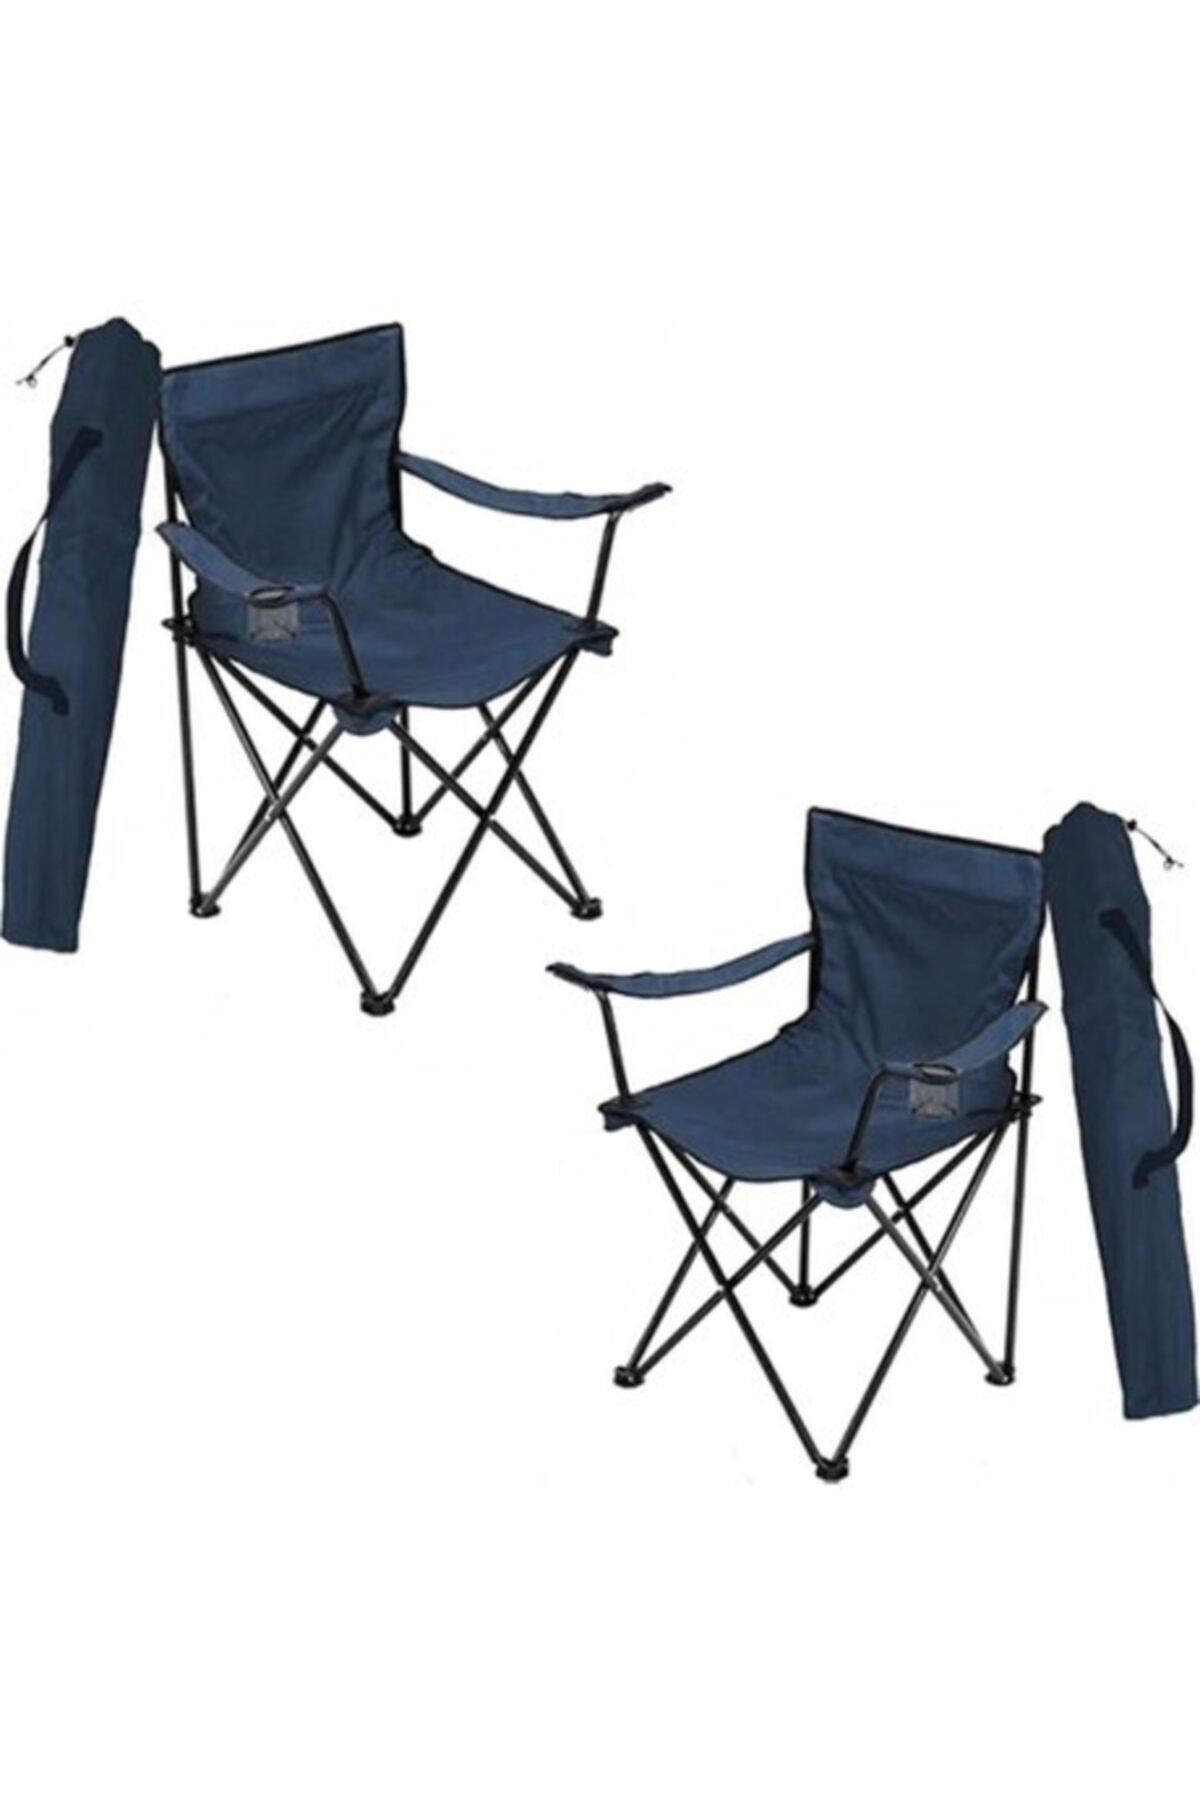 Lacivert Katlanır Çantalı Kamp Sandalyesi 2 Adet